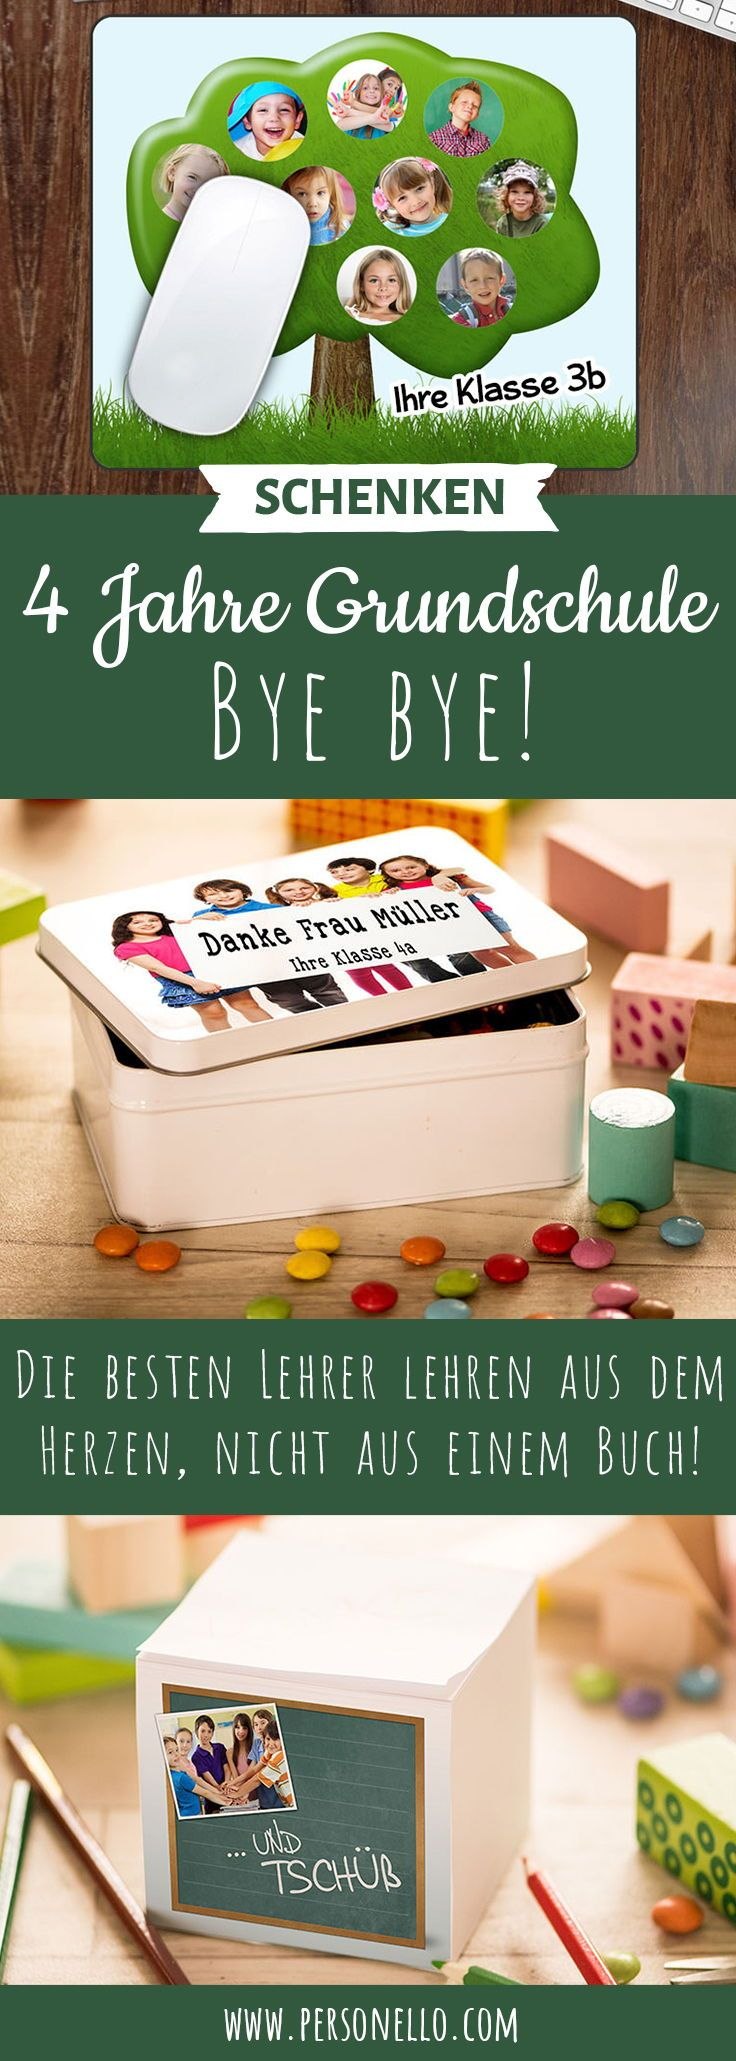 Geschenke für Lehrer - Danke sagen - Abschiedsgeschenke